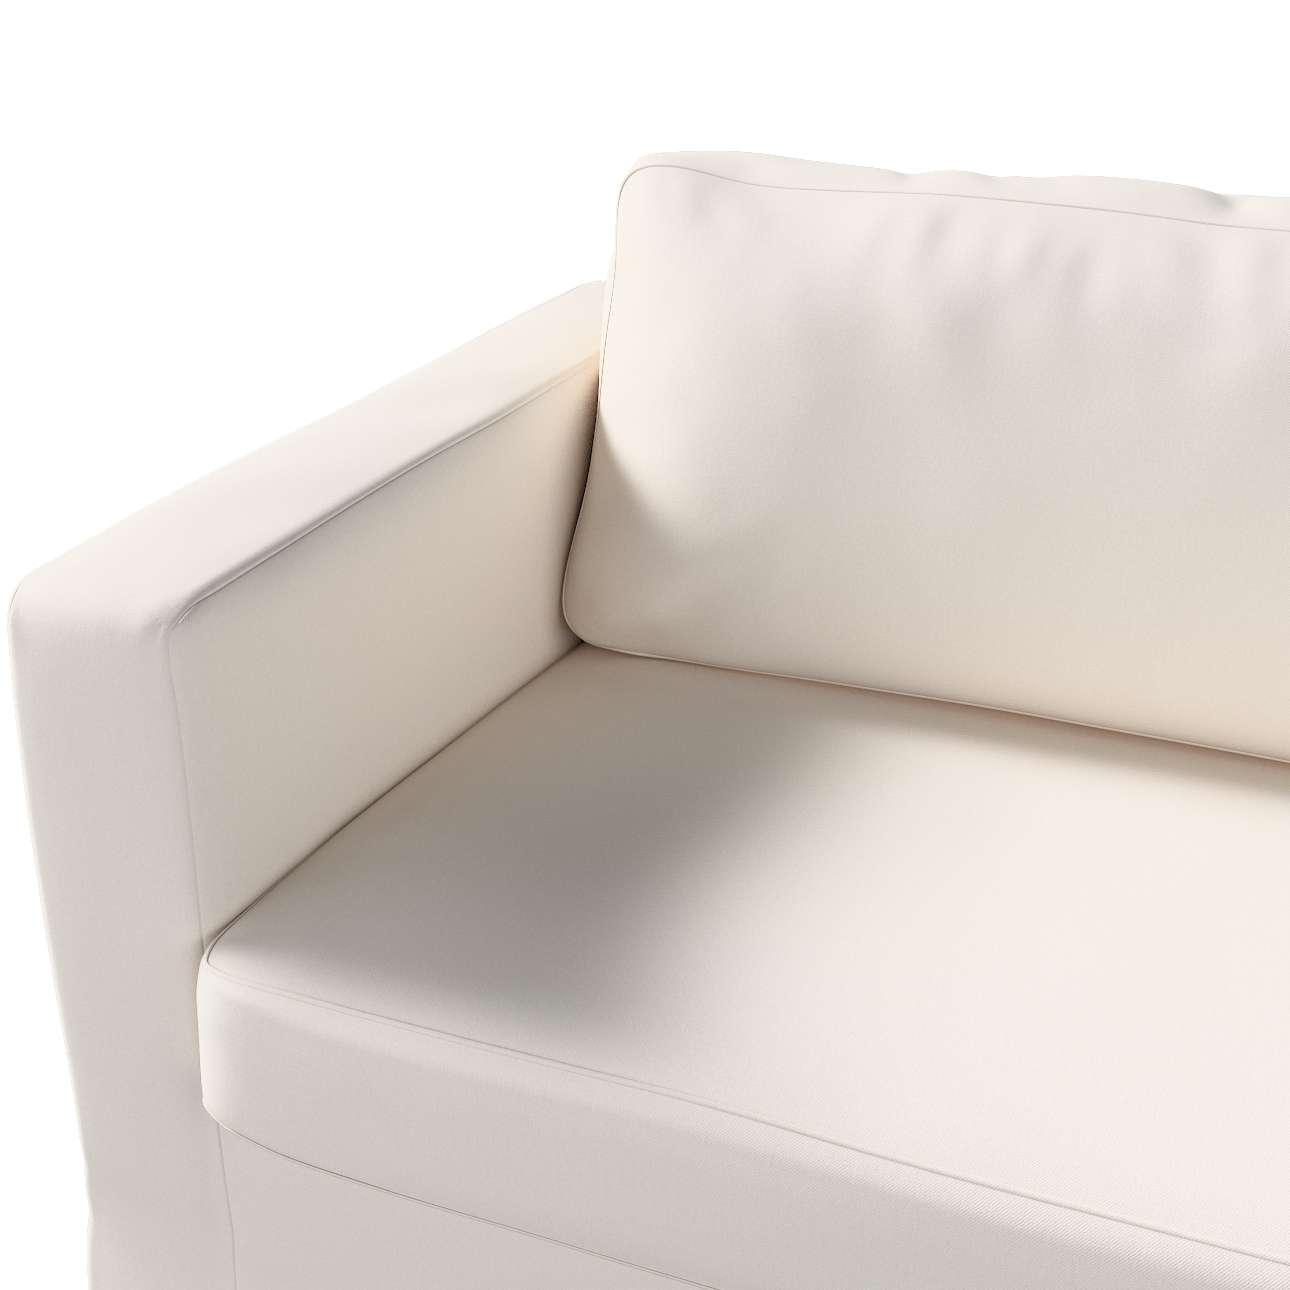 Pokrowiec na sofę Karlstad 3-osobową nierozkładaną, długi w kolekcji Etna, tkanina: 705-01